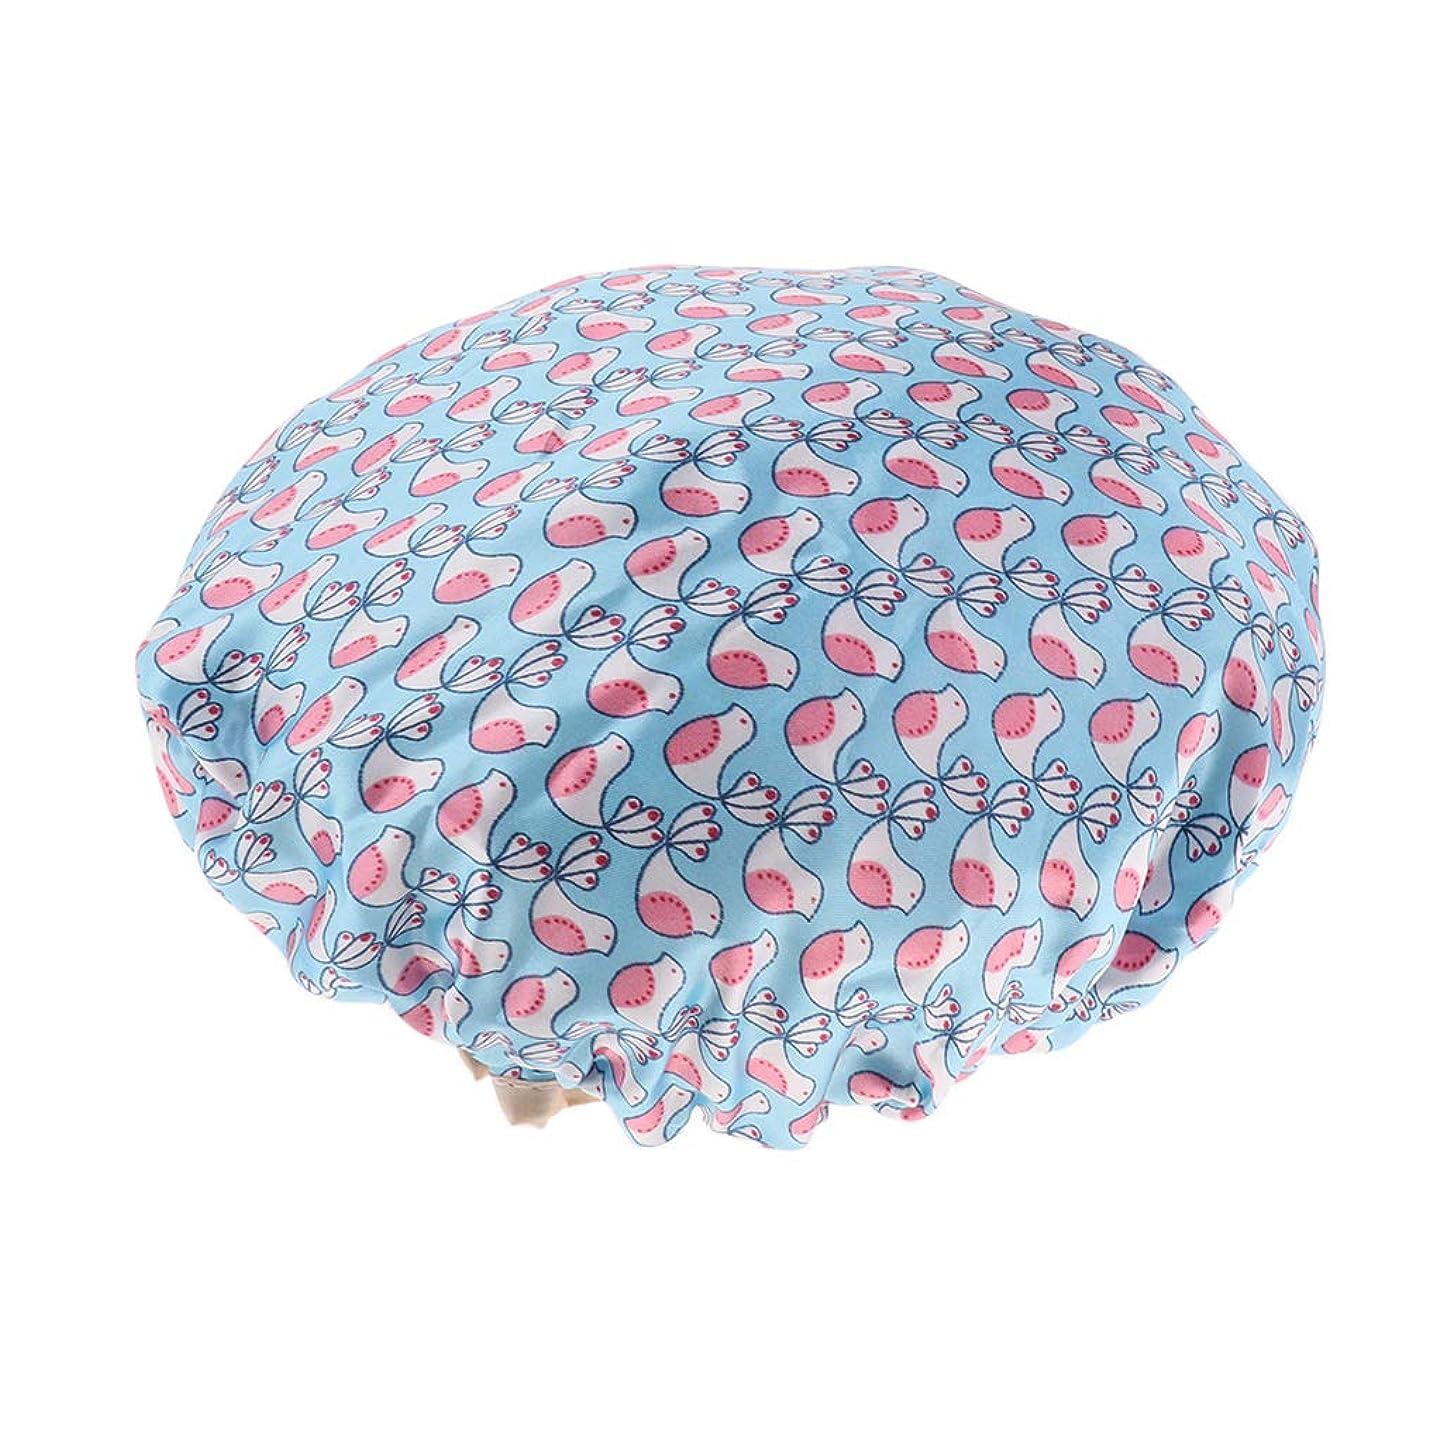 想定する効率ヘッドレスシャワーキャップ ヘアキャップ 帽子 女性用 入浴 バス用品 二重層 防水 全3色 - 青